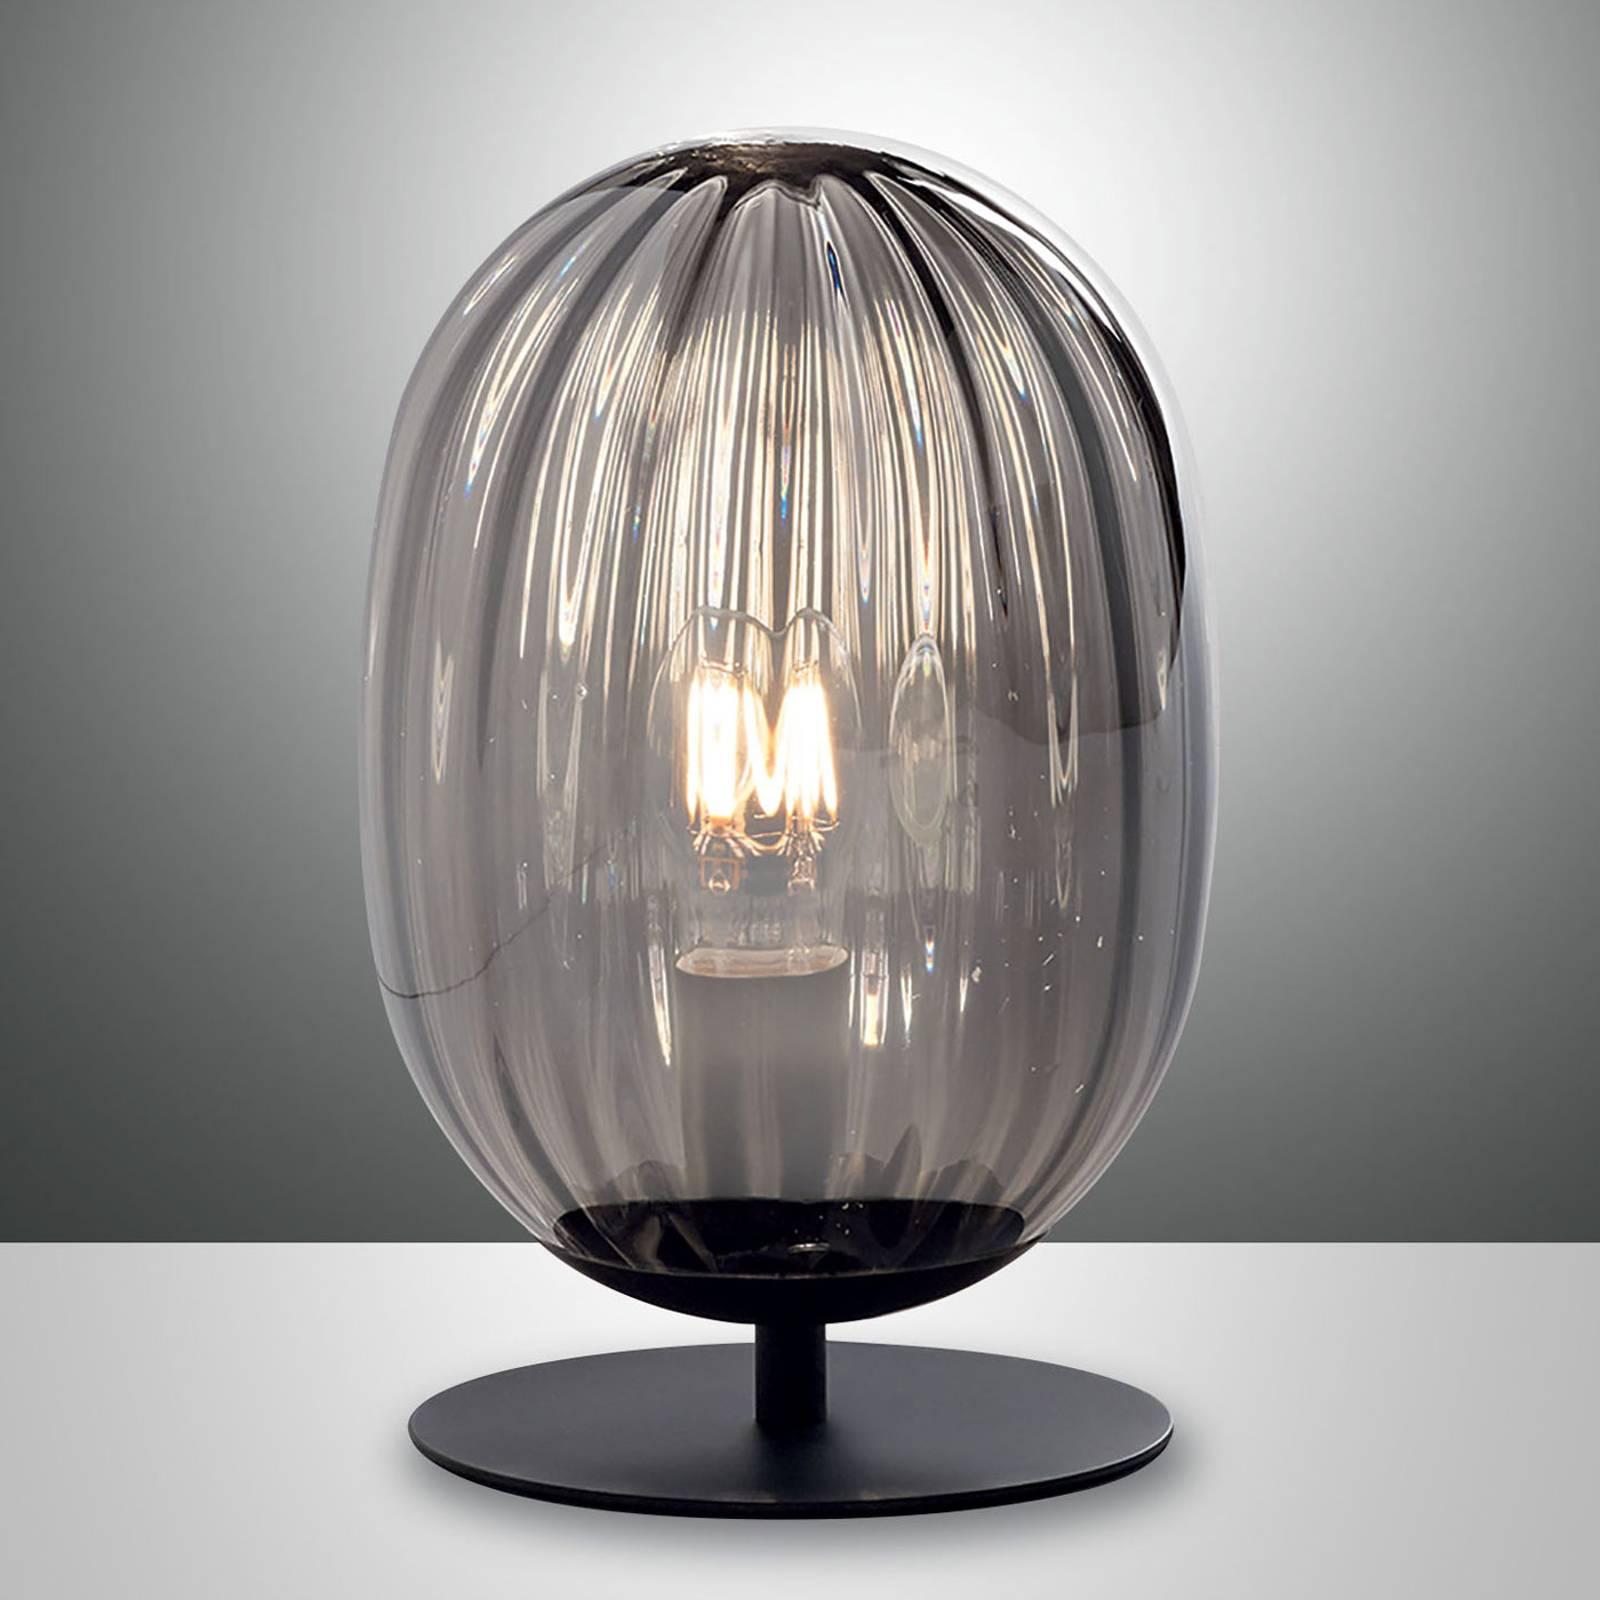 Lampe à poser Infinity avec abat-jour verre arqué